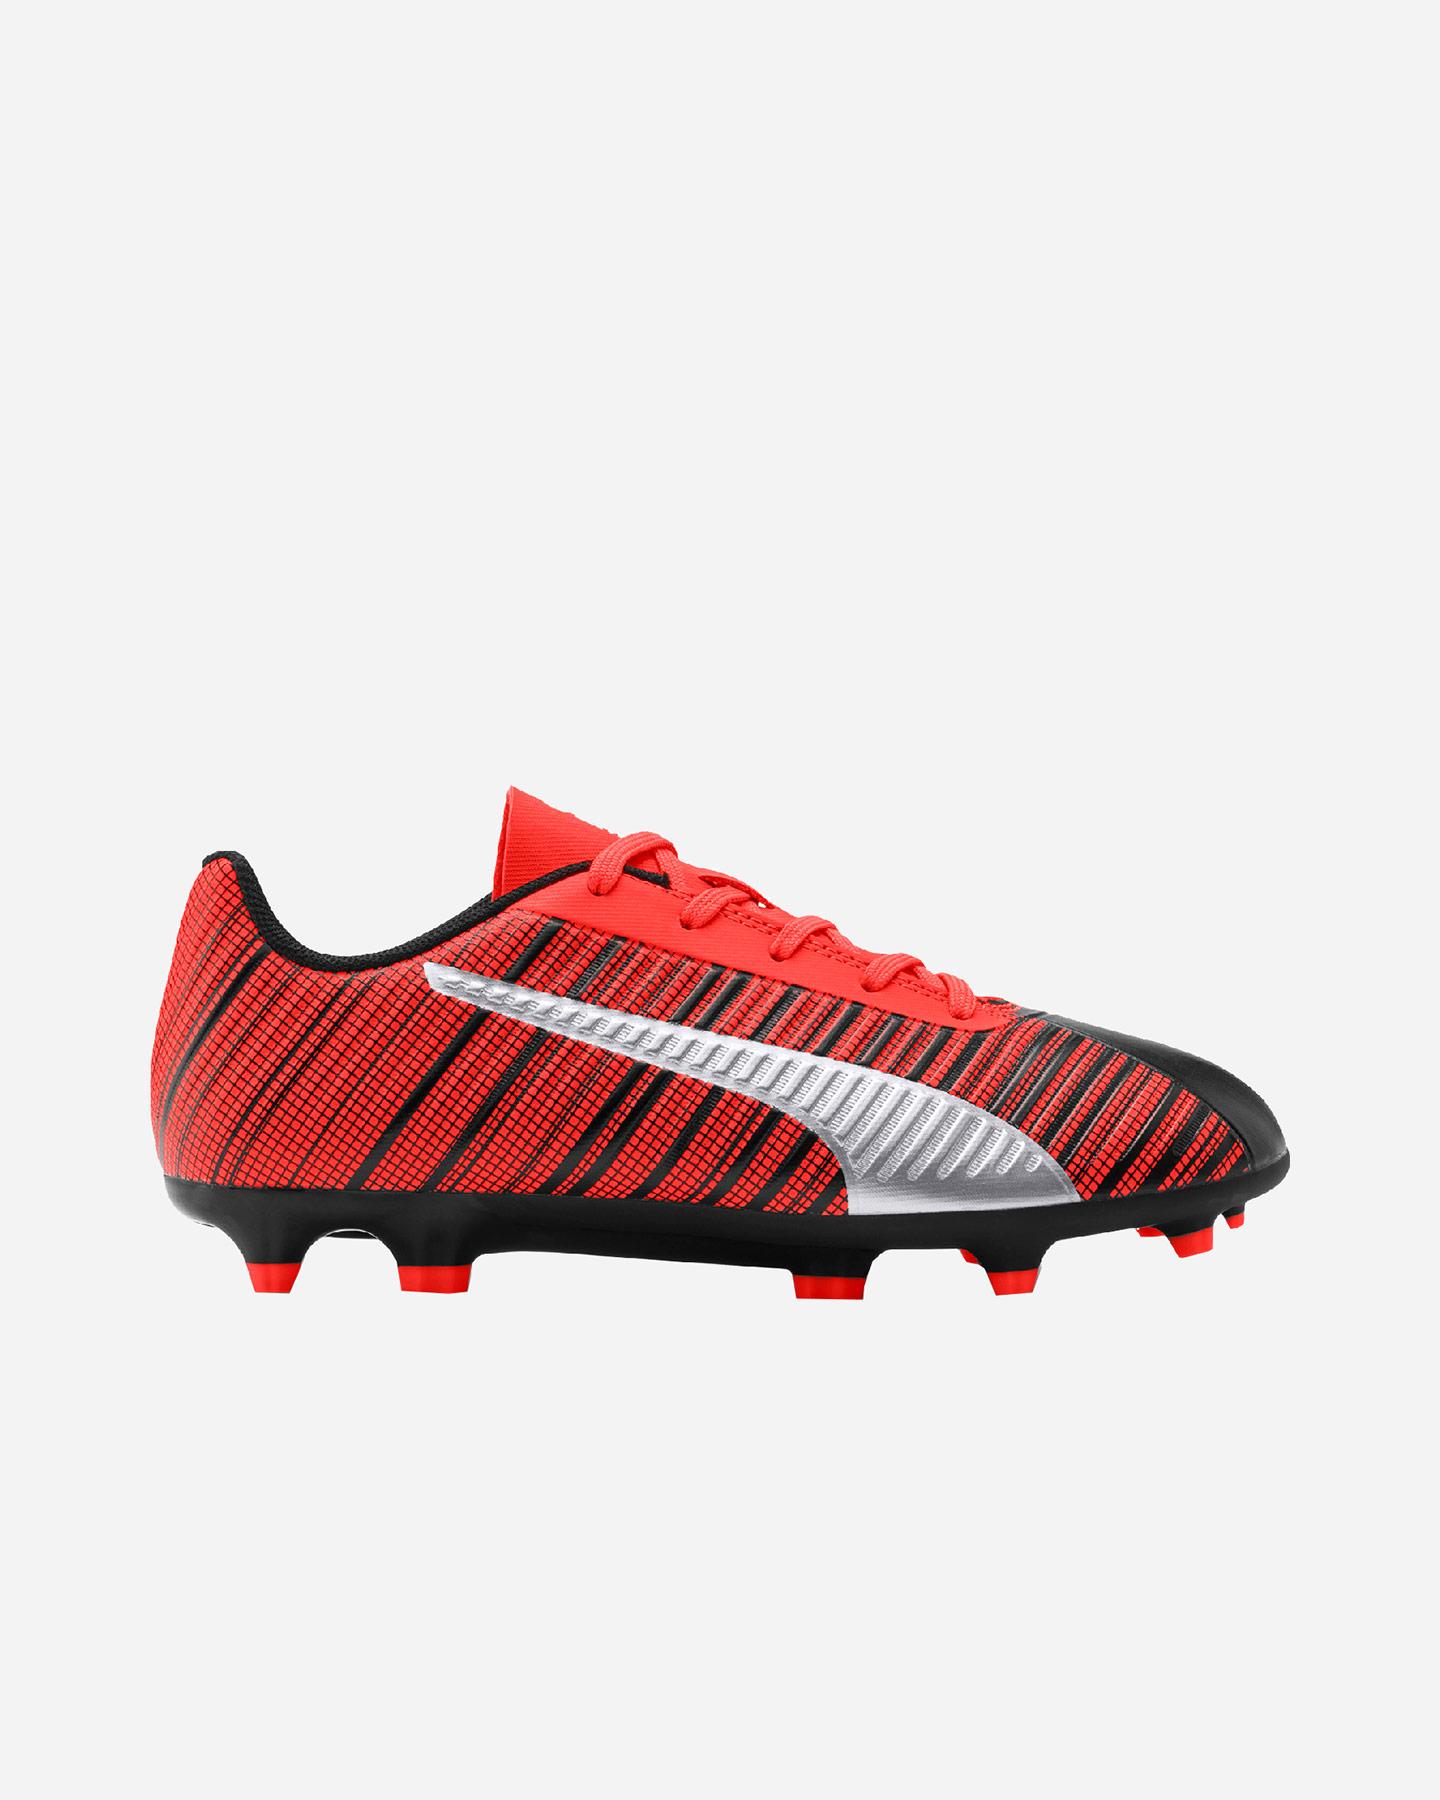 scarpe calcio puma rosse